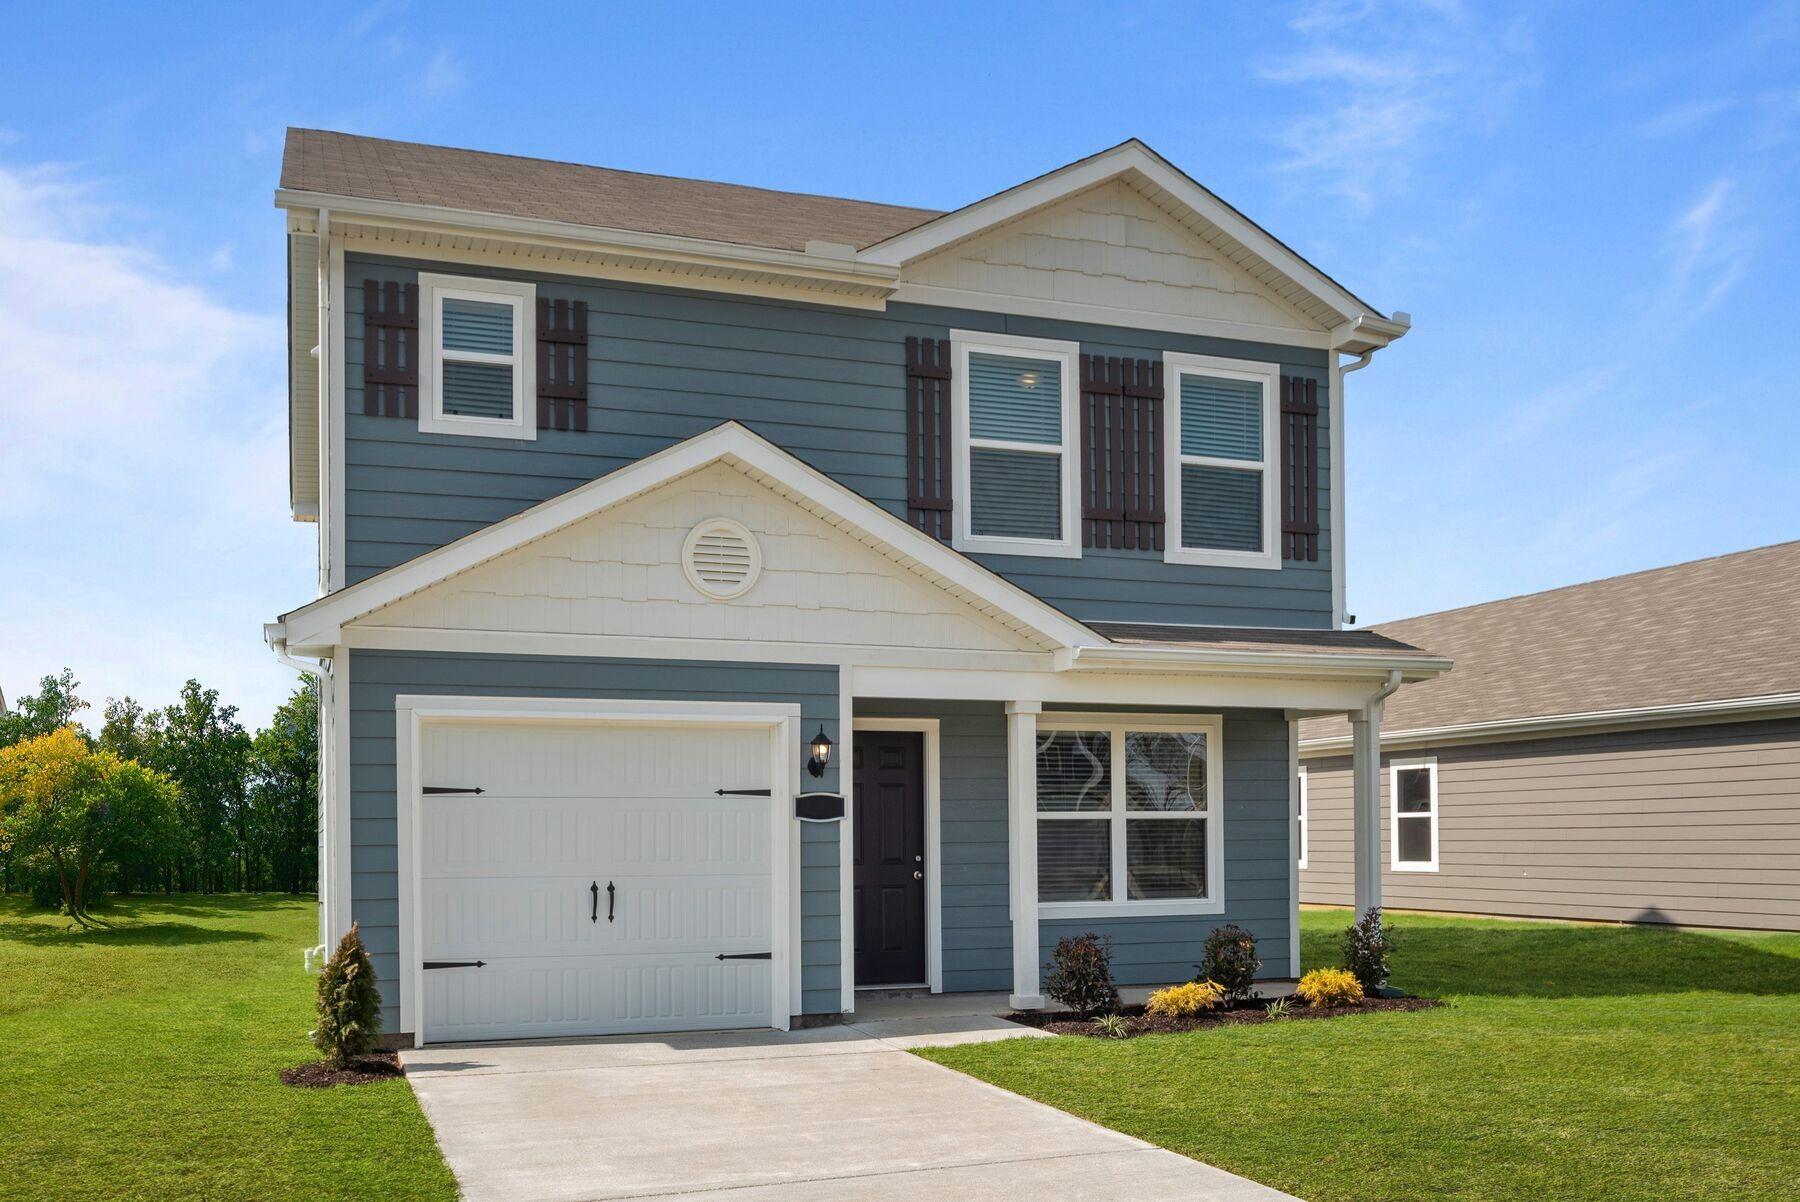 3412 Vedette Ln, Murfreesboro, TN 37128 - MLS#: 2185340